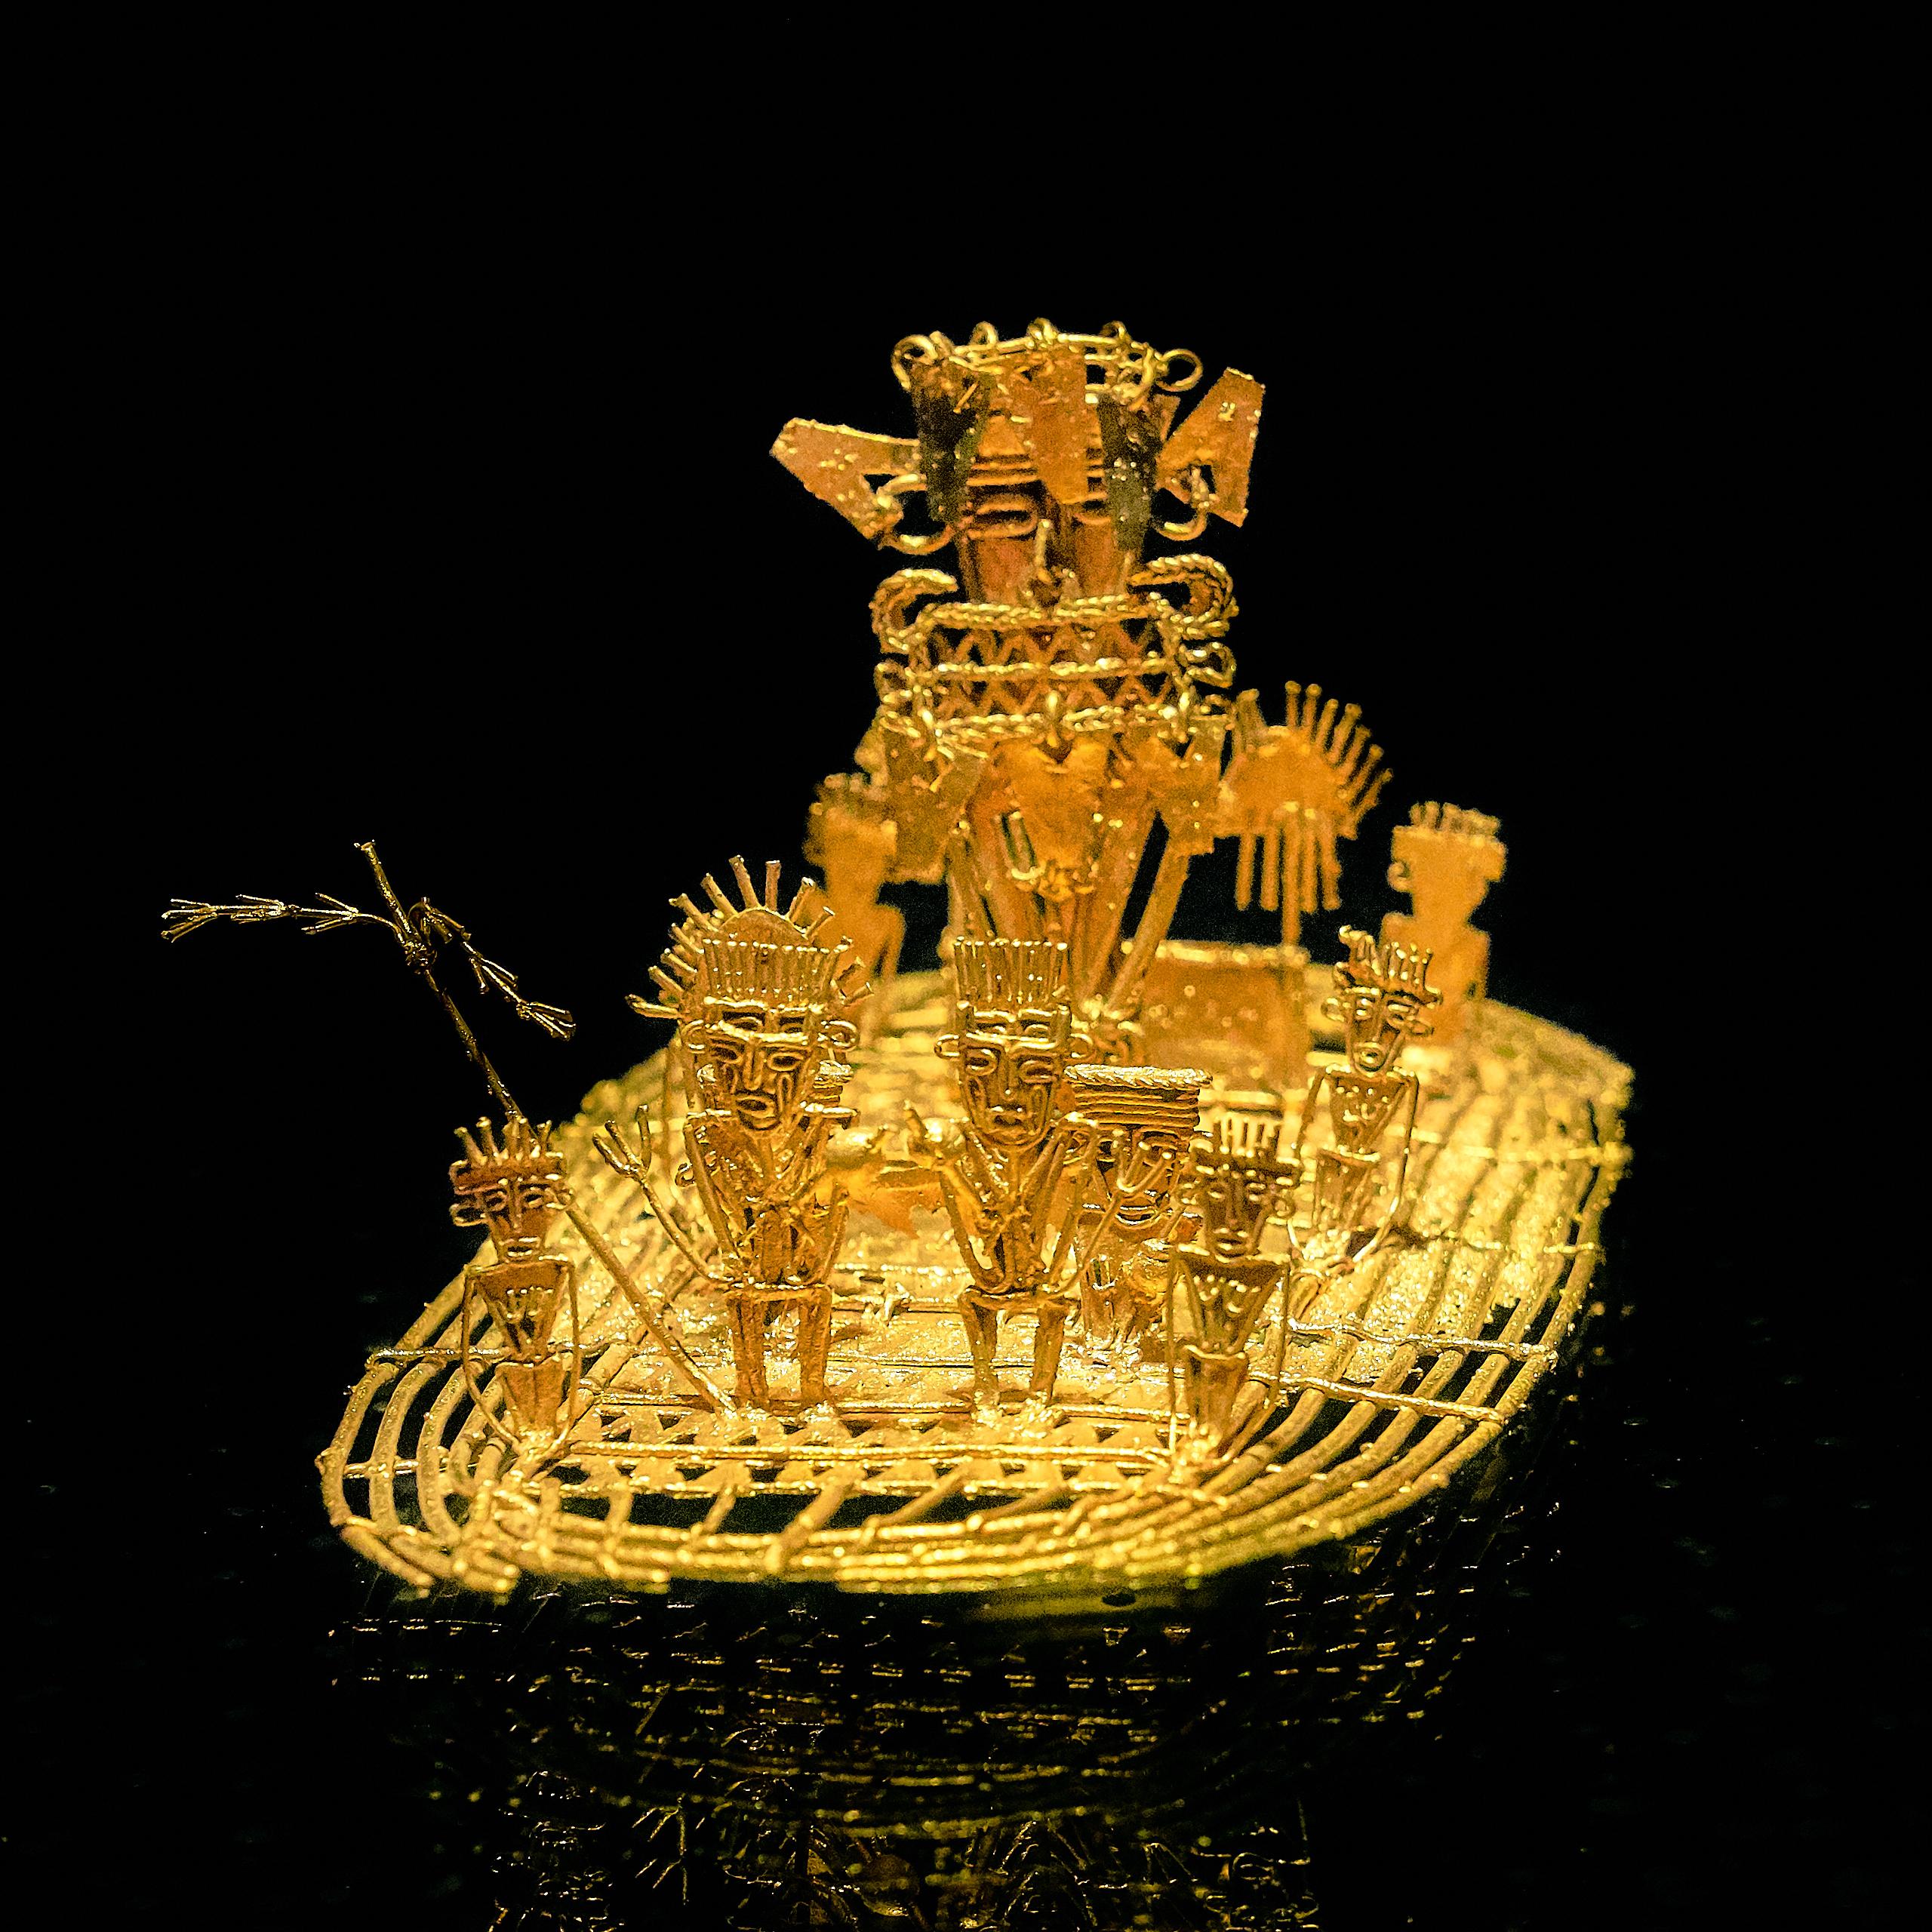 El Dorado Wikipedia